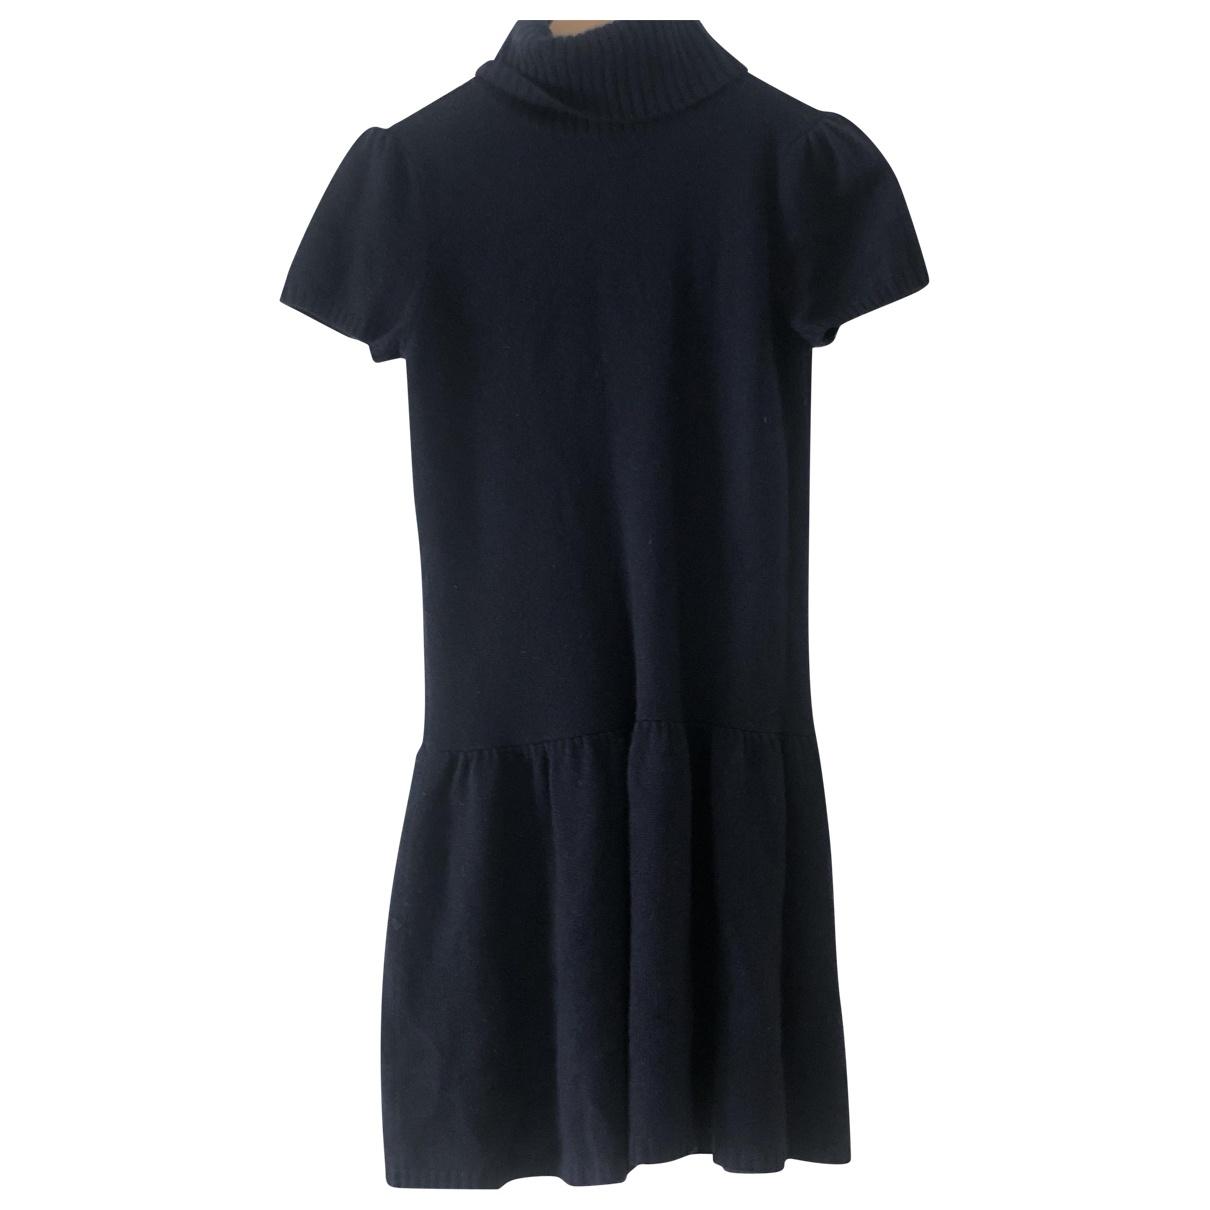 Polo Ralph Lauren \N Kleid in  Blau Kaschmir